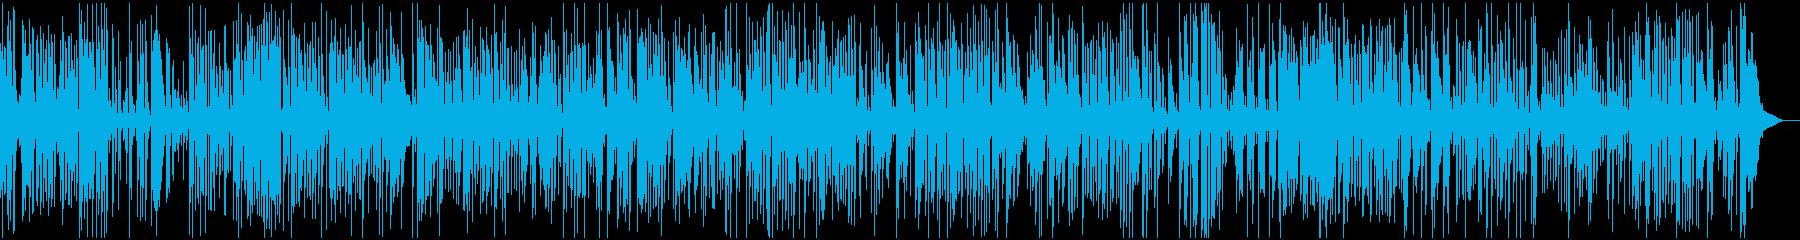 爽やか、疾走アコースティックジャズピアノの再生済みの波形